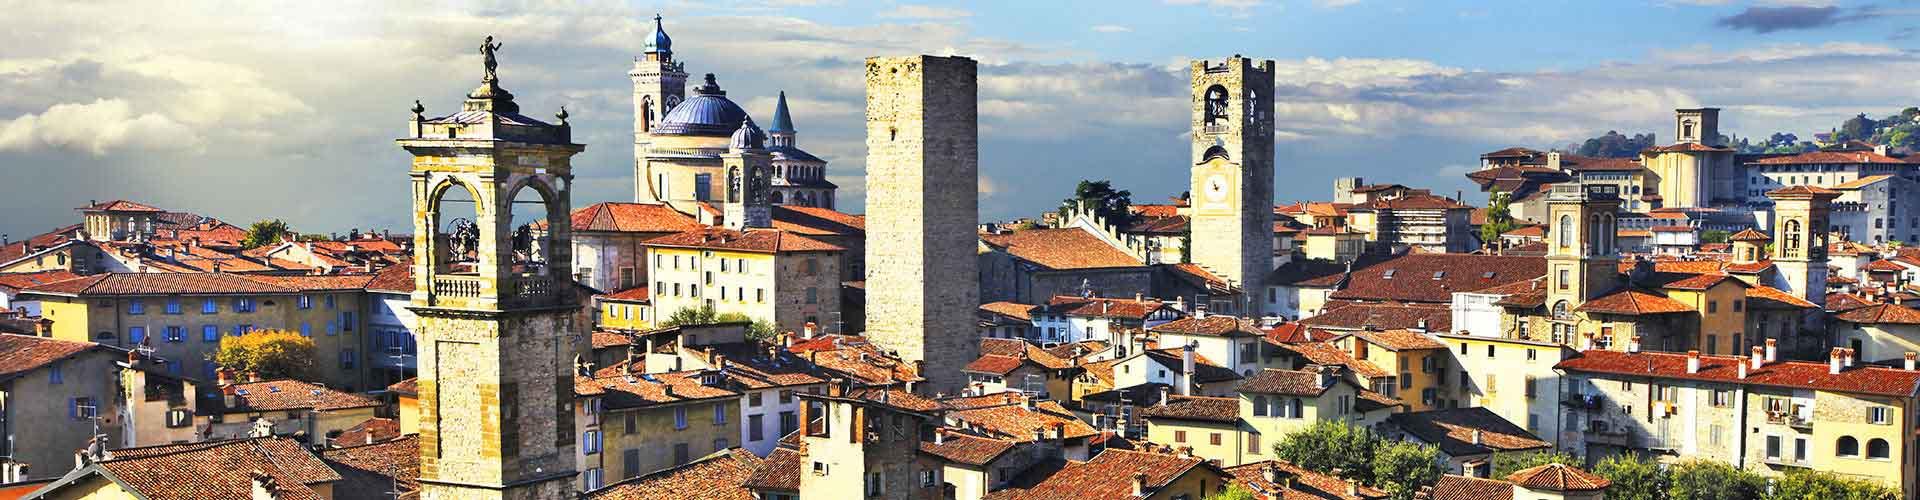 Bergamo - Auberges de jeunesse à Bergamo. Cartes pour Bergamo, photos et commentaires pour chaque auberge de jeunesse à Bergamo.